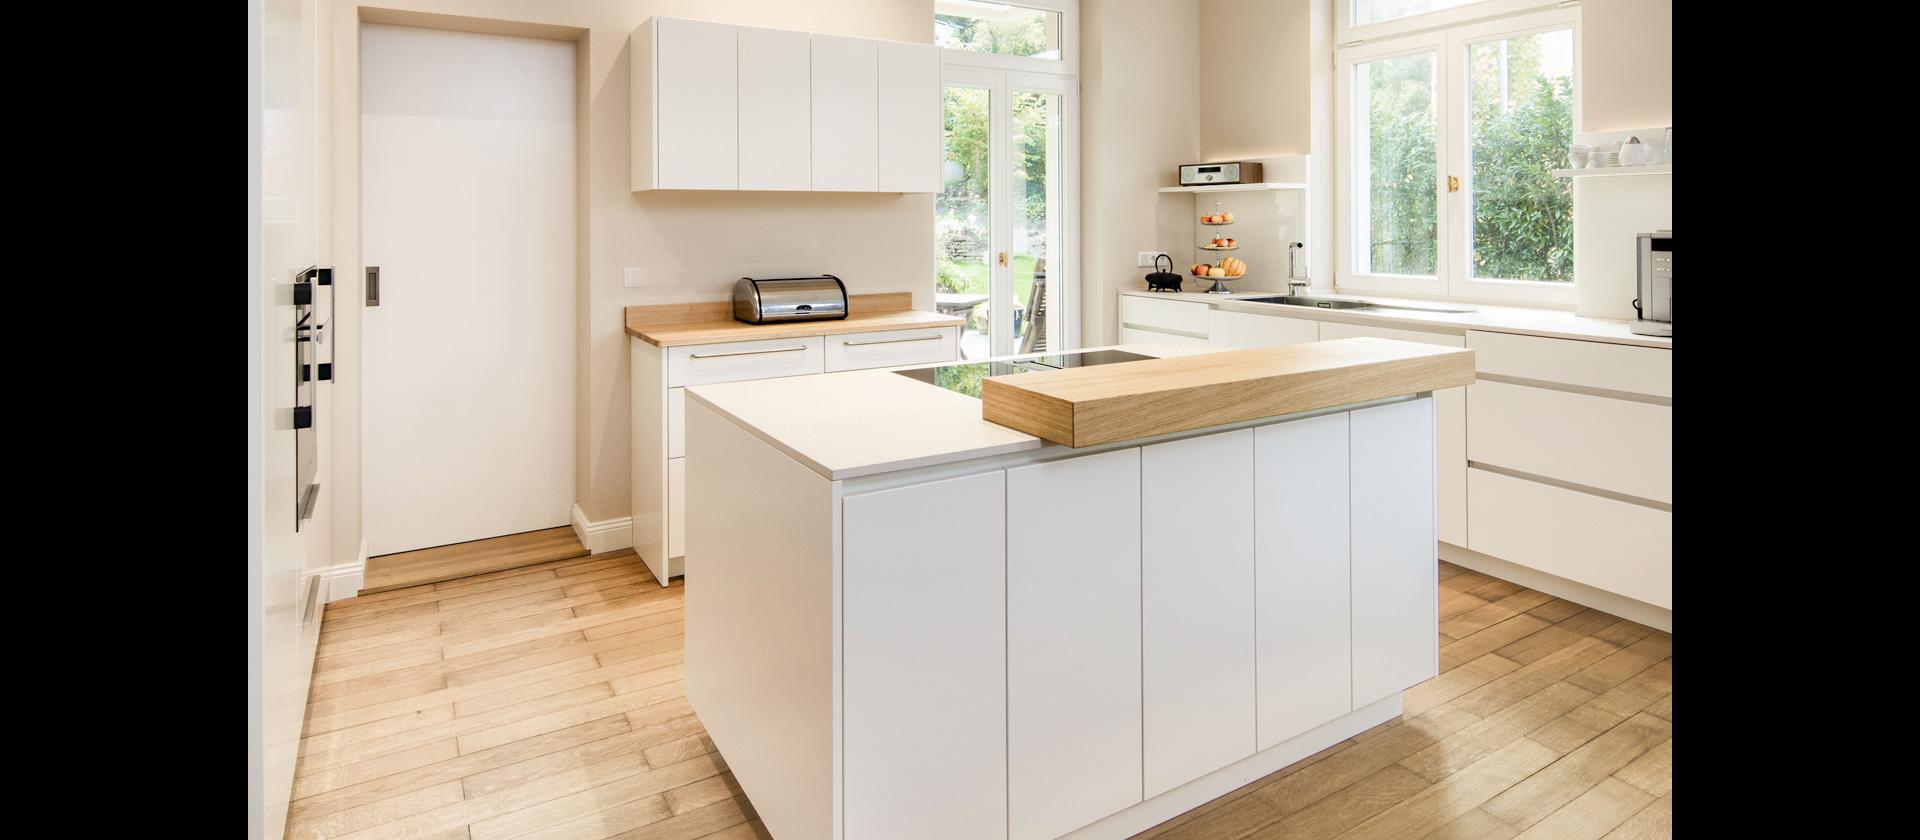 Full Size of Preise Arbeitsplatten Küche Hersteller Arbeitsplatten Küche Arbeitsplatten Küche Abschlussleisten Farbige Arbeitsplatten Küche Küche Arbeitsplatten Küche